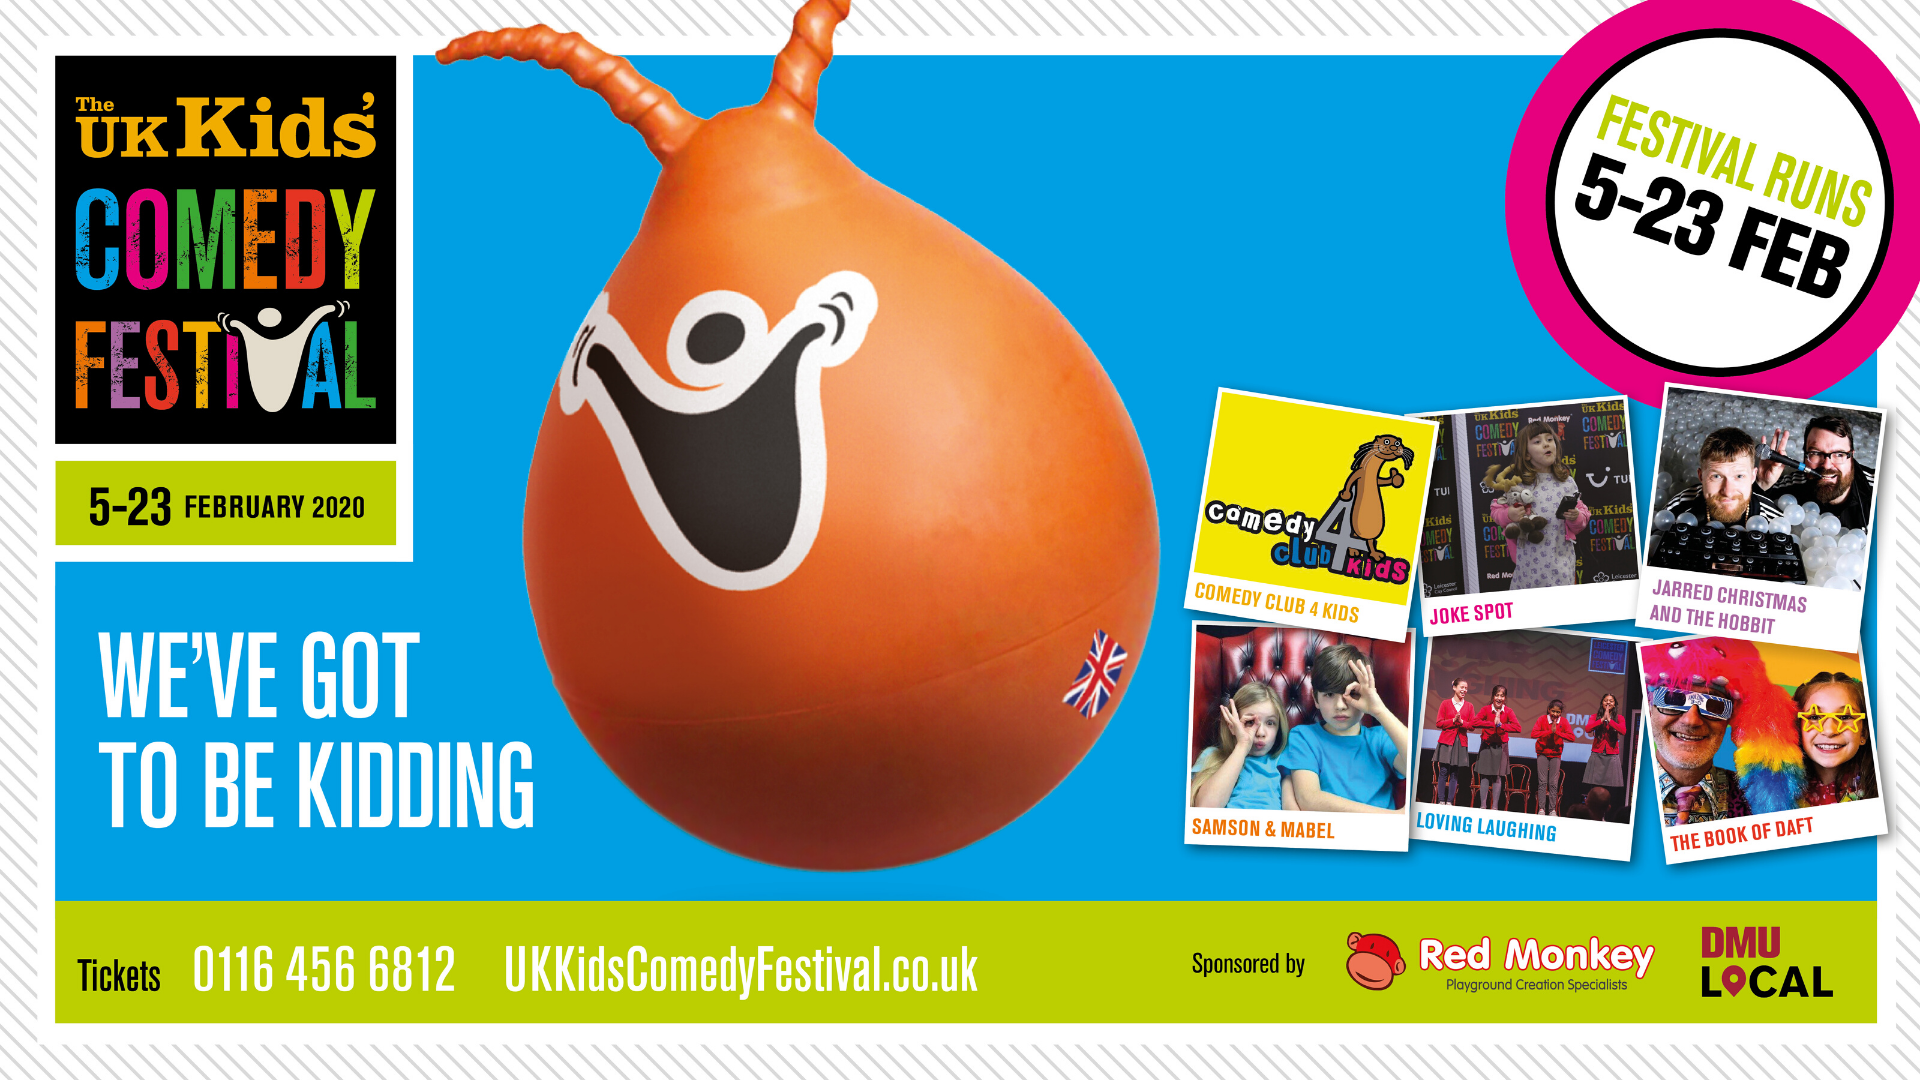 UK Kids Comedy Festival poster